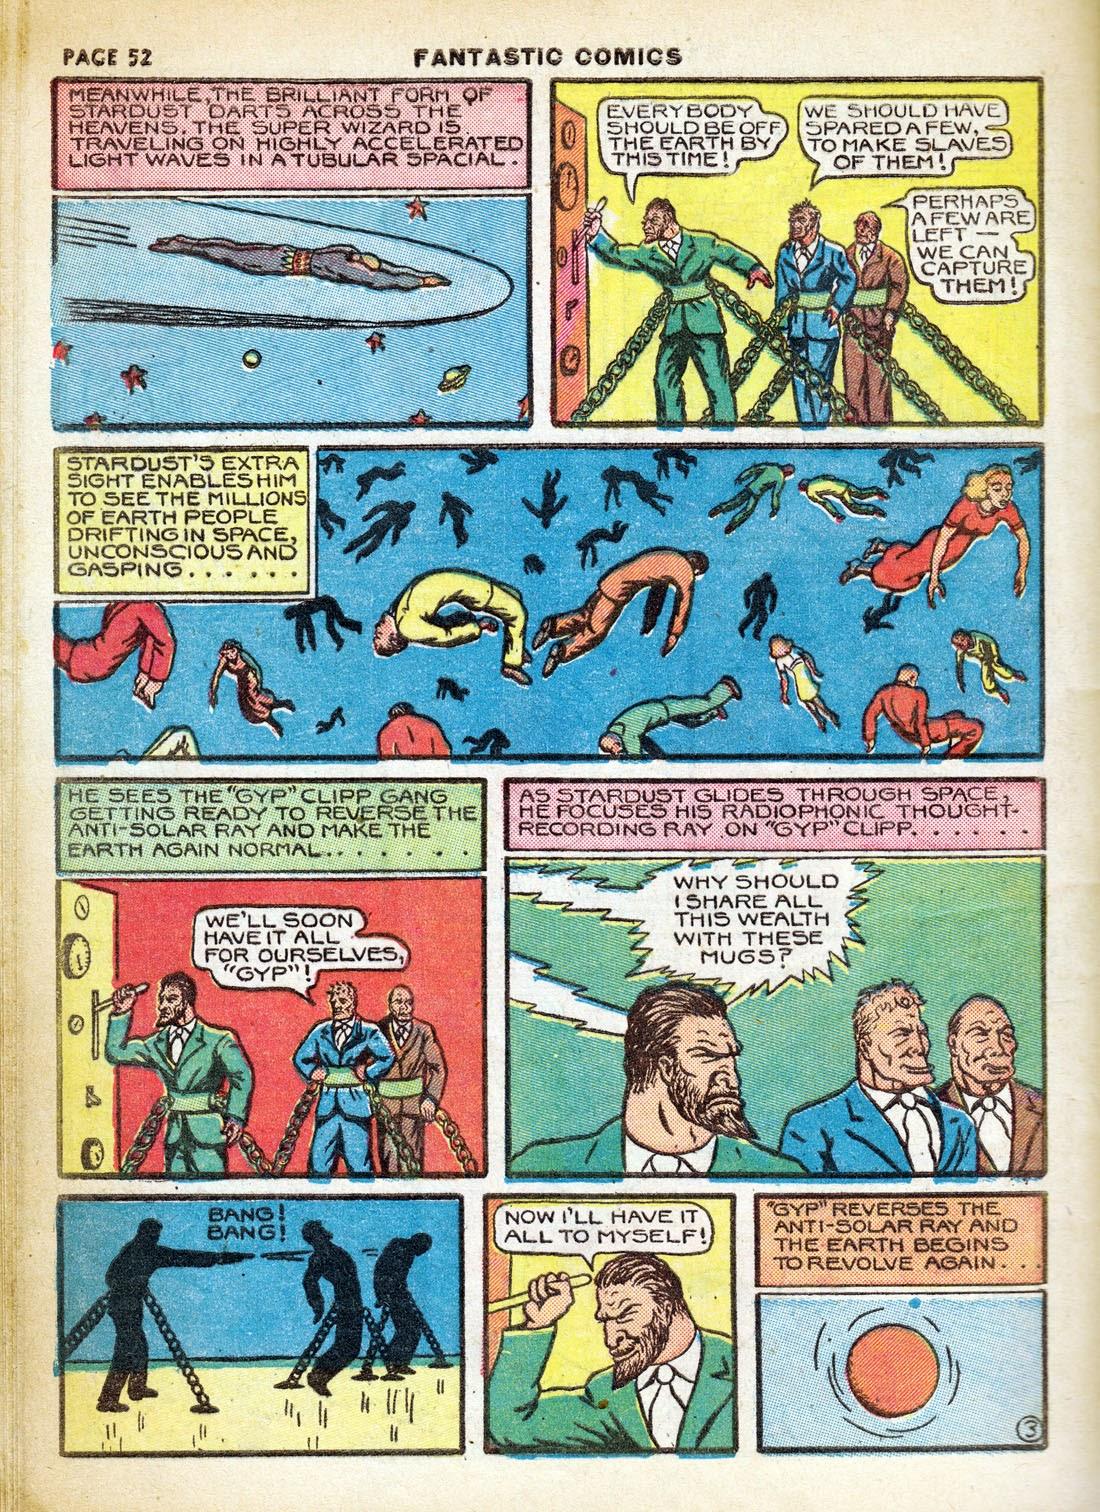 Read online Fantastic Comics comic -  Issue #7 - 54